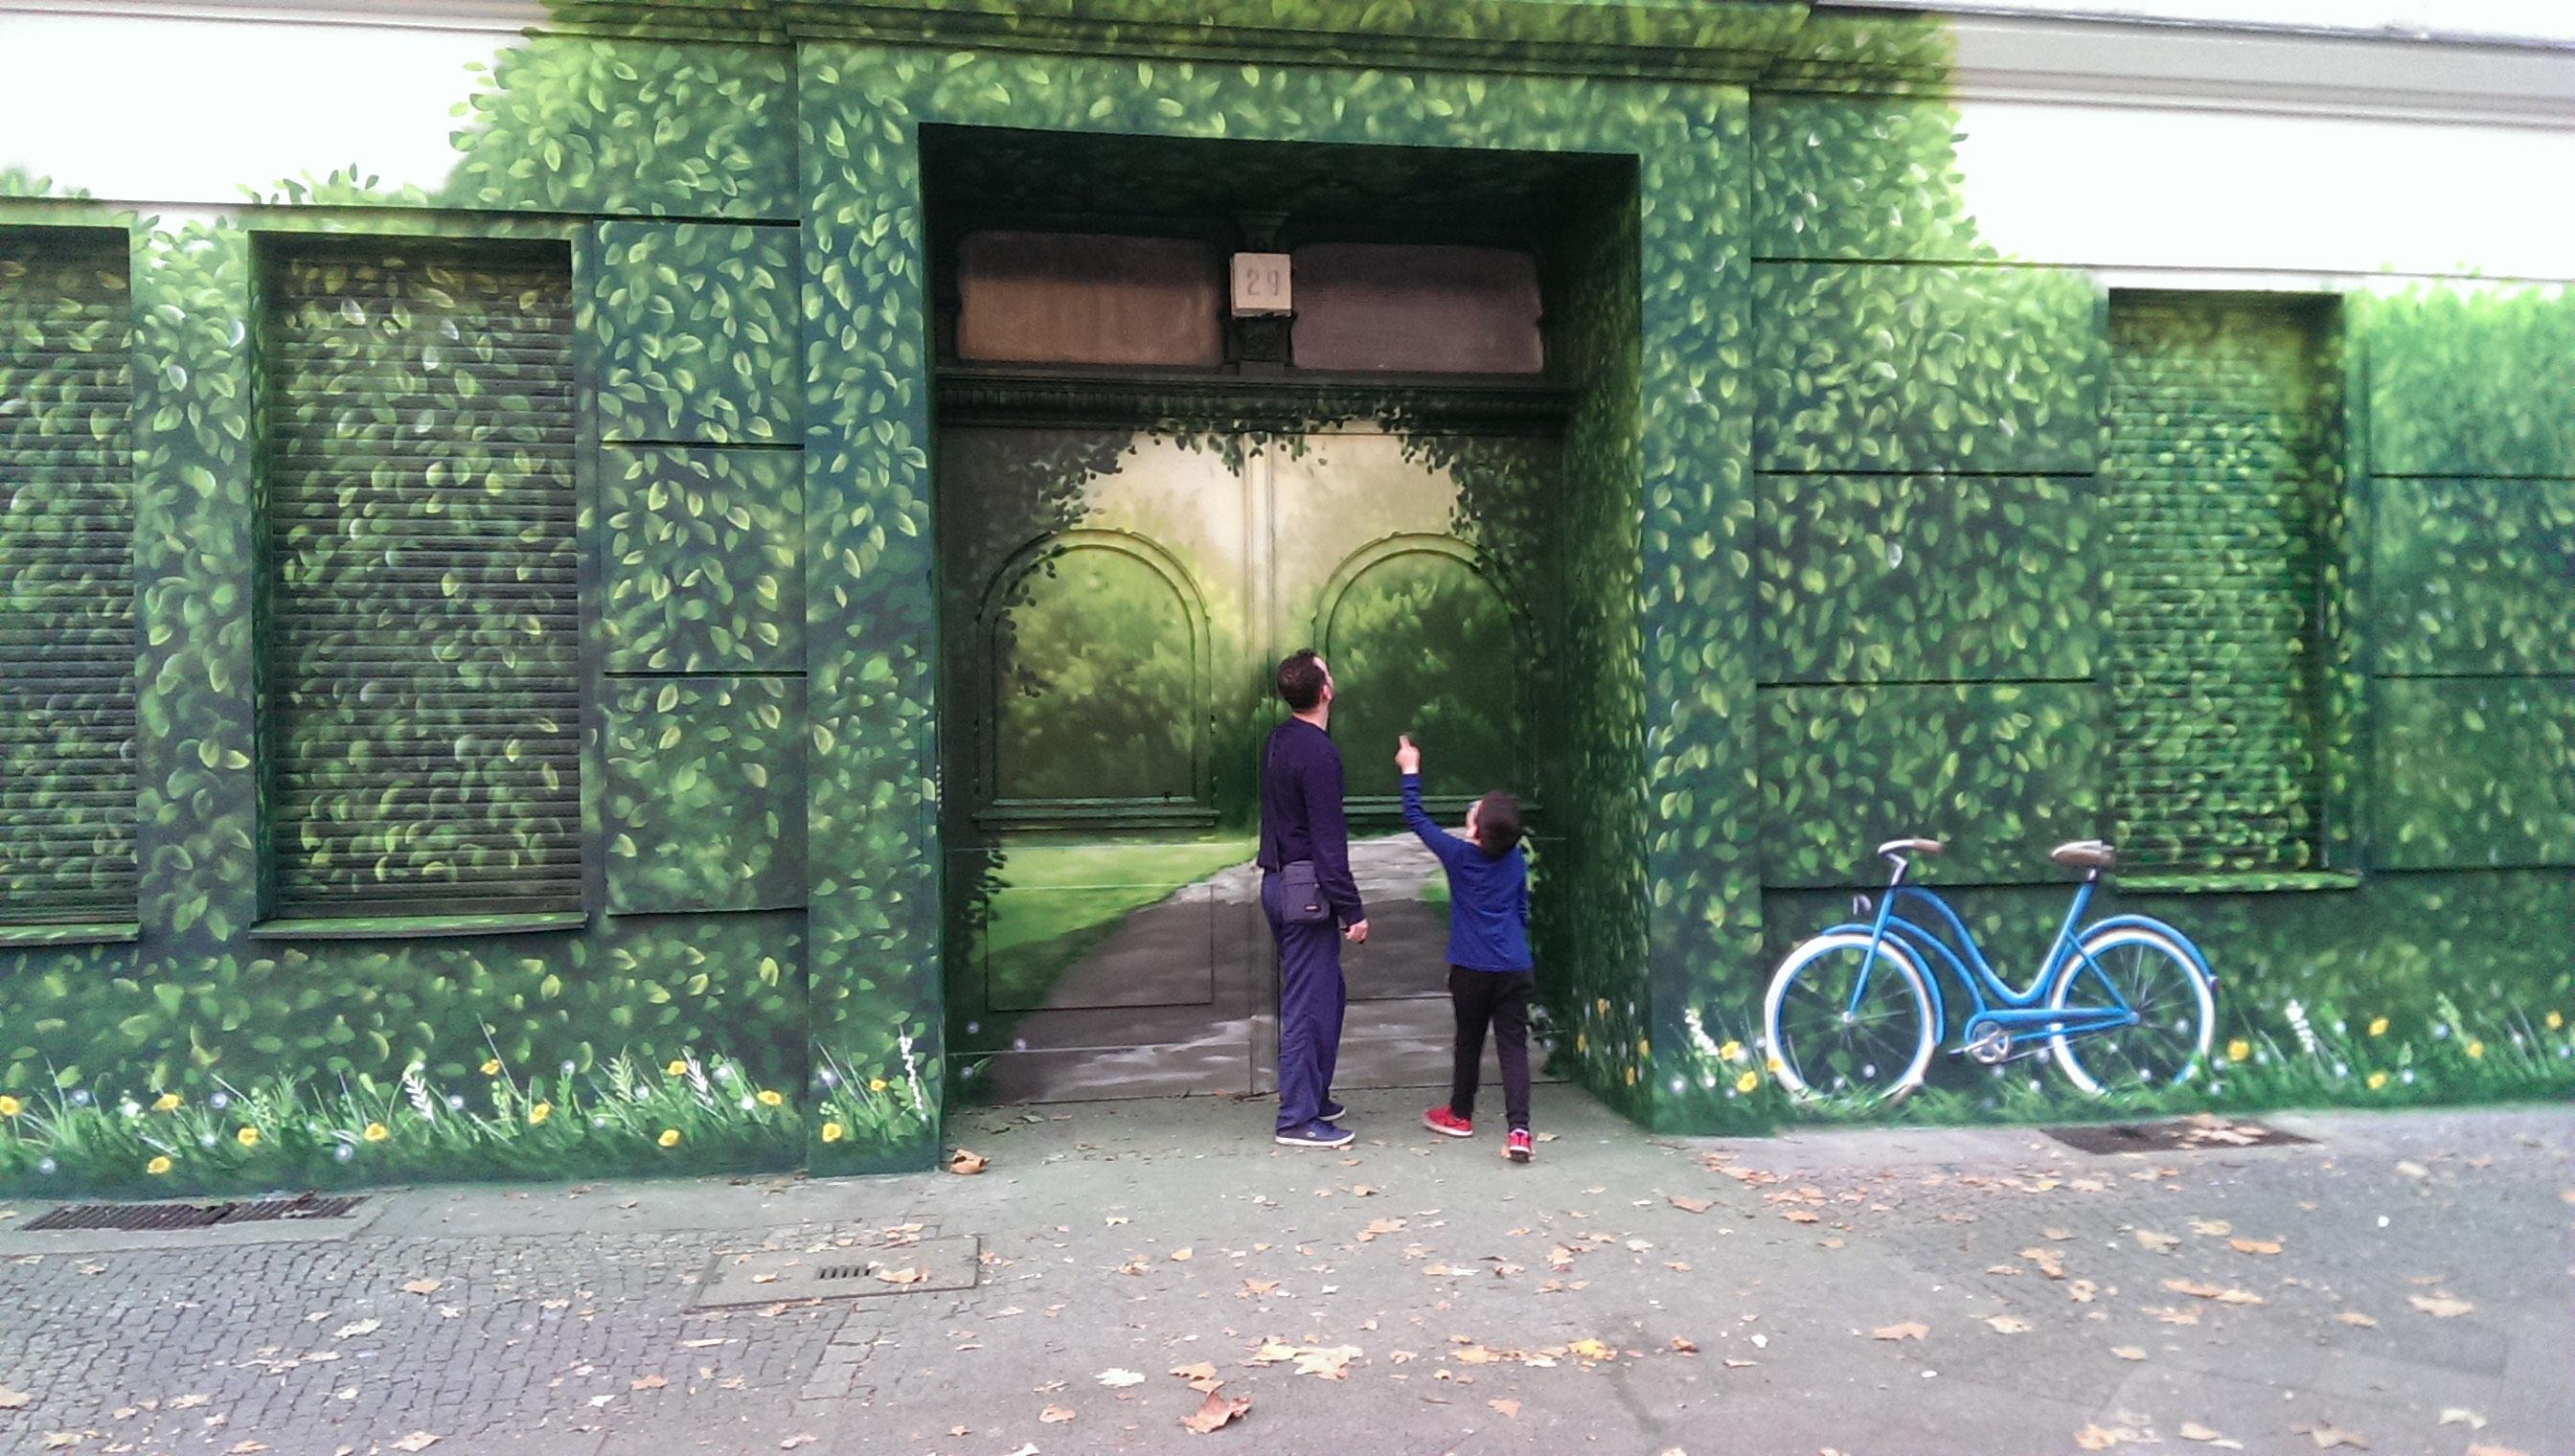 Wandmalerei fassadenmalerei berlin appolloart graffiti - Wandmalerei berlin ...